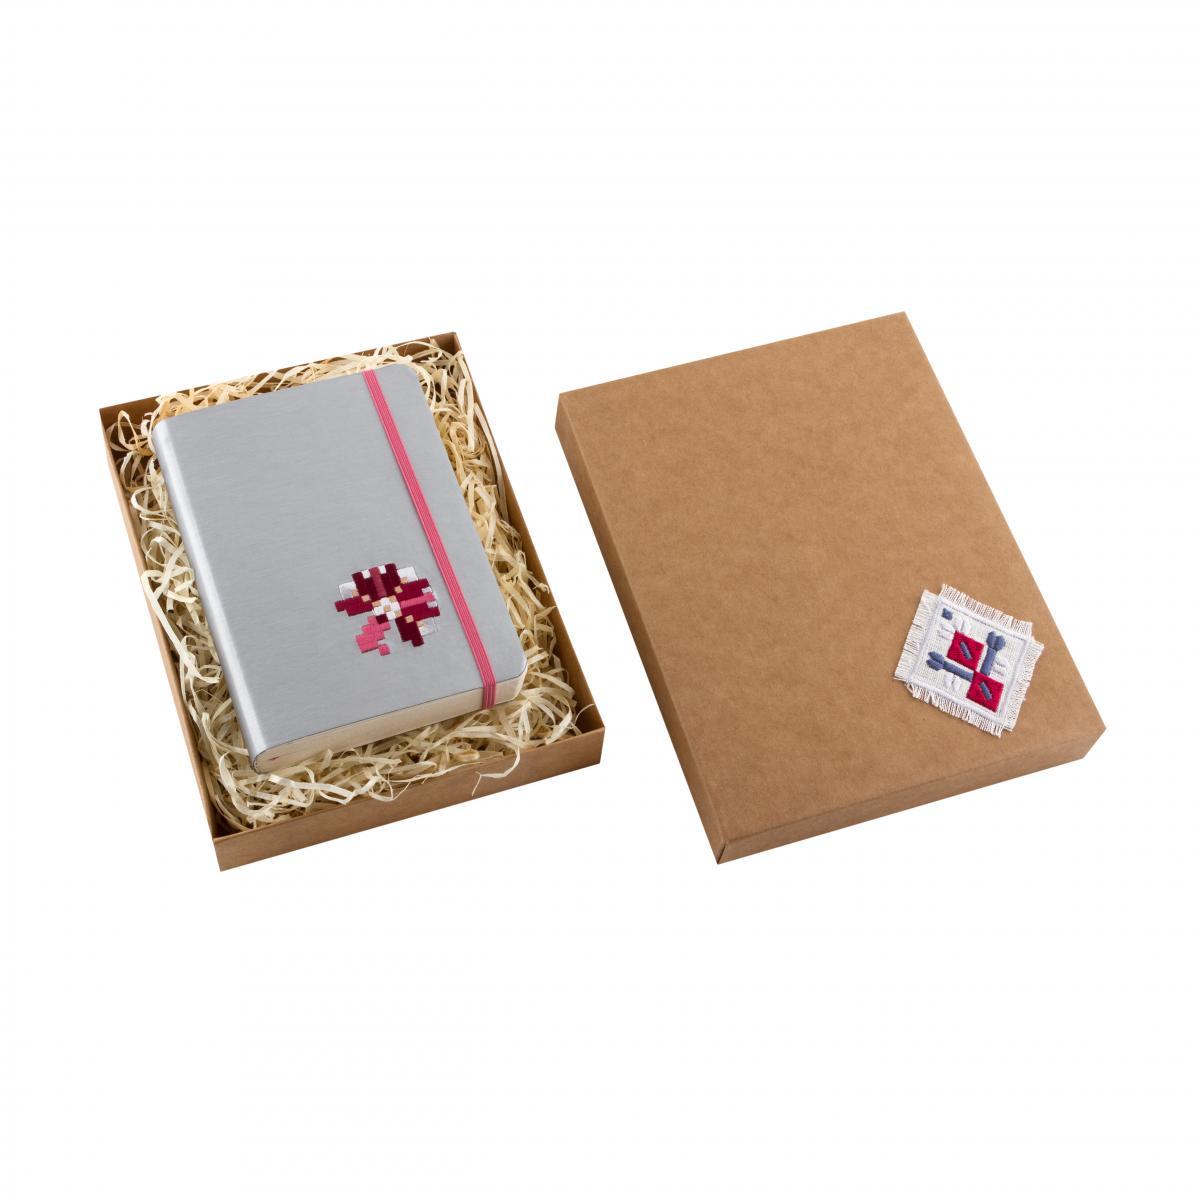 Блокнот из эко-кожи с вышивкой Качалочка, серебро. Фото №3. | Народный дом Украина